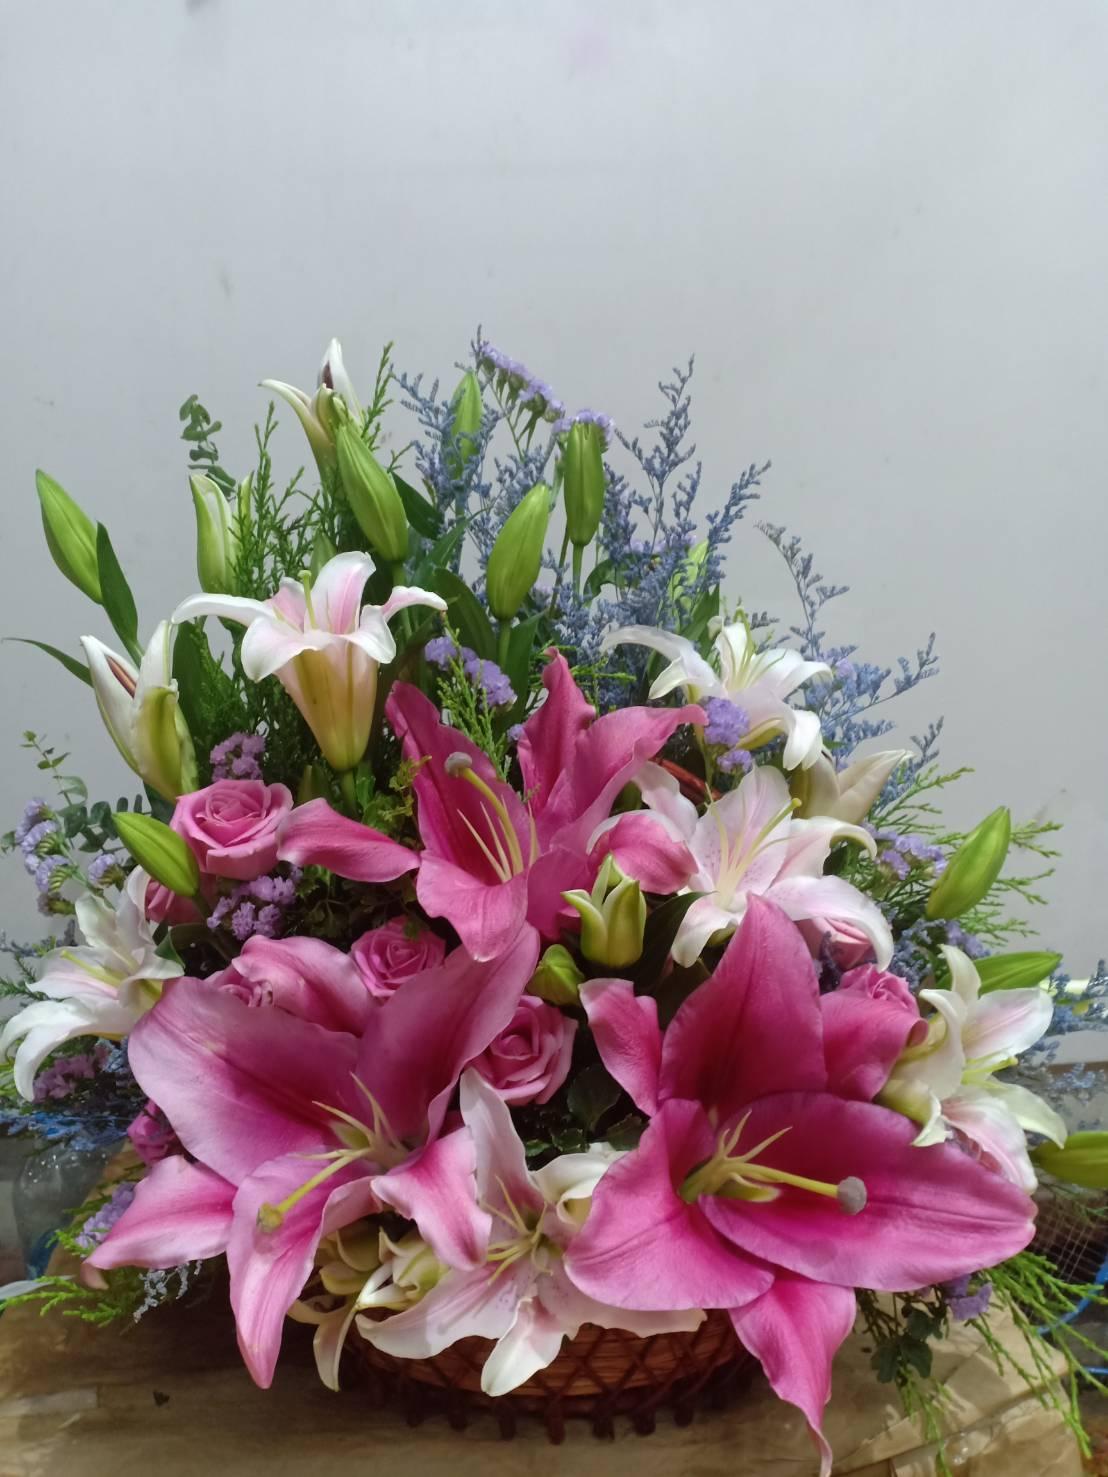 กระเช้าดอกไม้สุดหรู ดูดีด้วยการจัดแต่งดอกไม้หลากสีสันนานาชนิด นานาพันธุ์